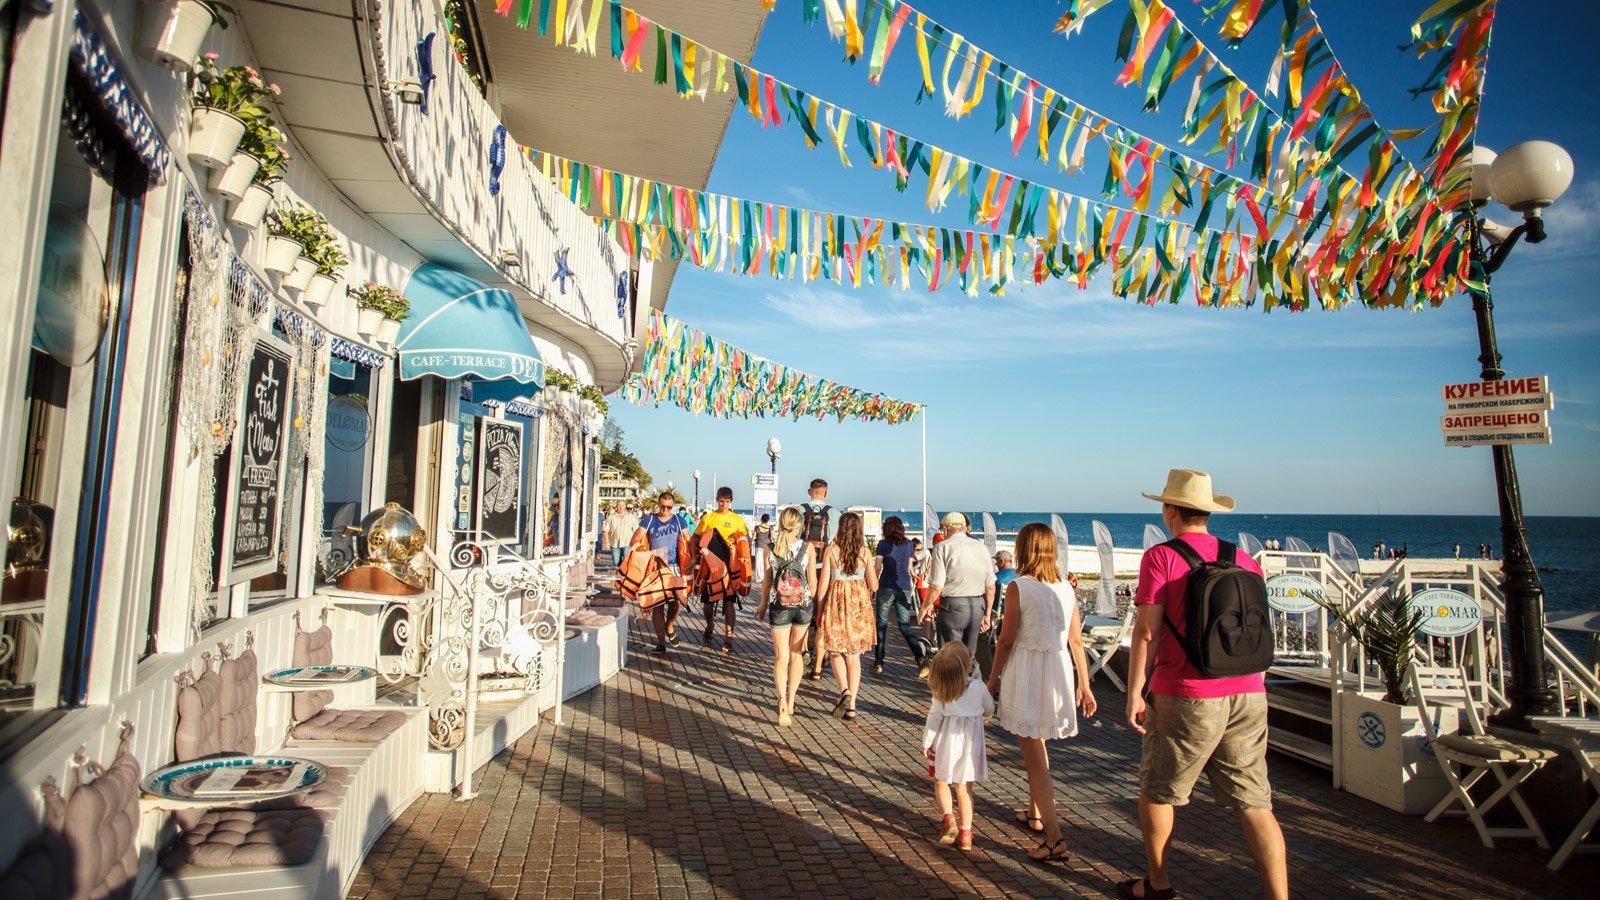 Photo of بهترین رستوران های سوچی را قبل سفر بشناسید ؟ پایتخت خوشگذرانی روسیه